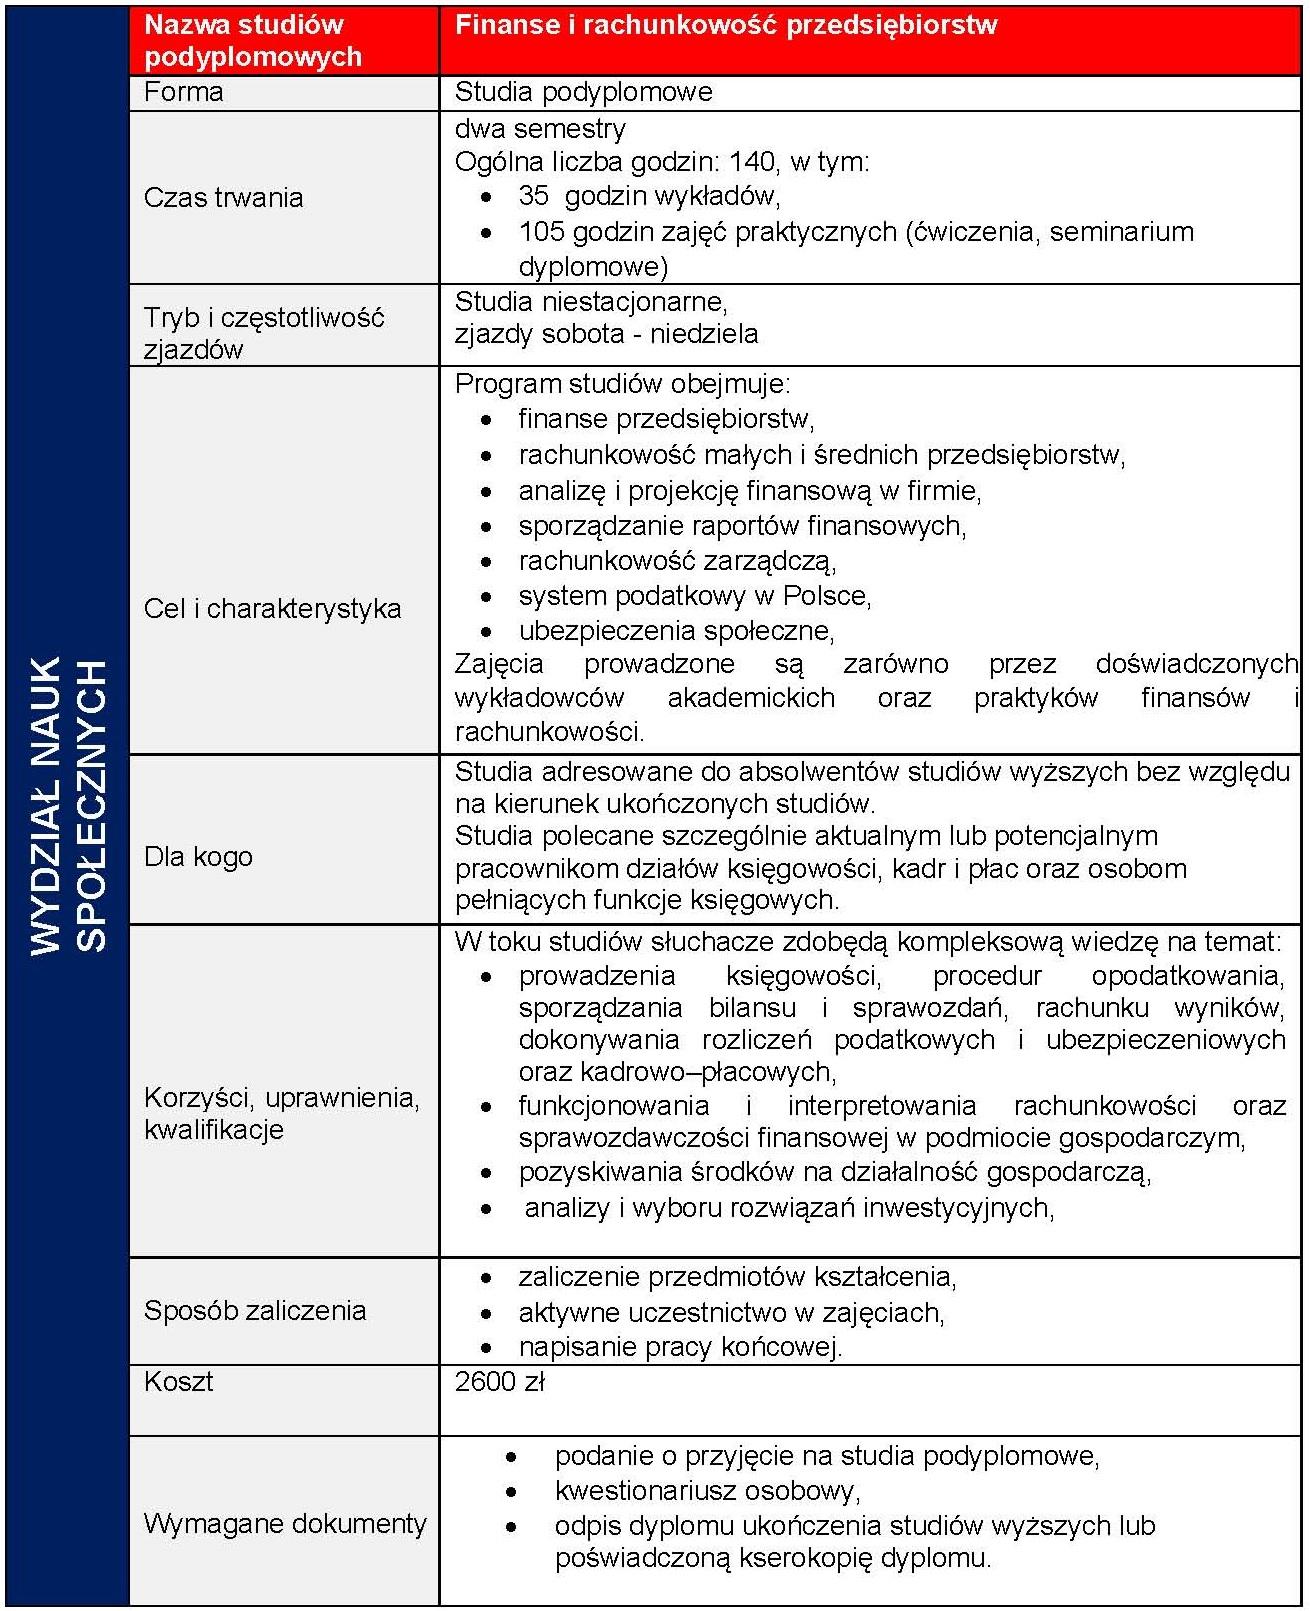 Ulotka informacyjna finanse i rachunkowosć przedsiębiorstw